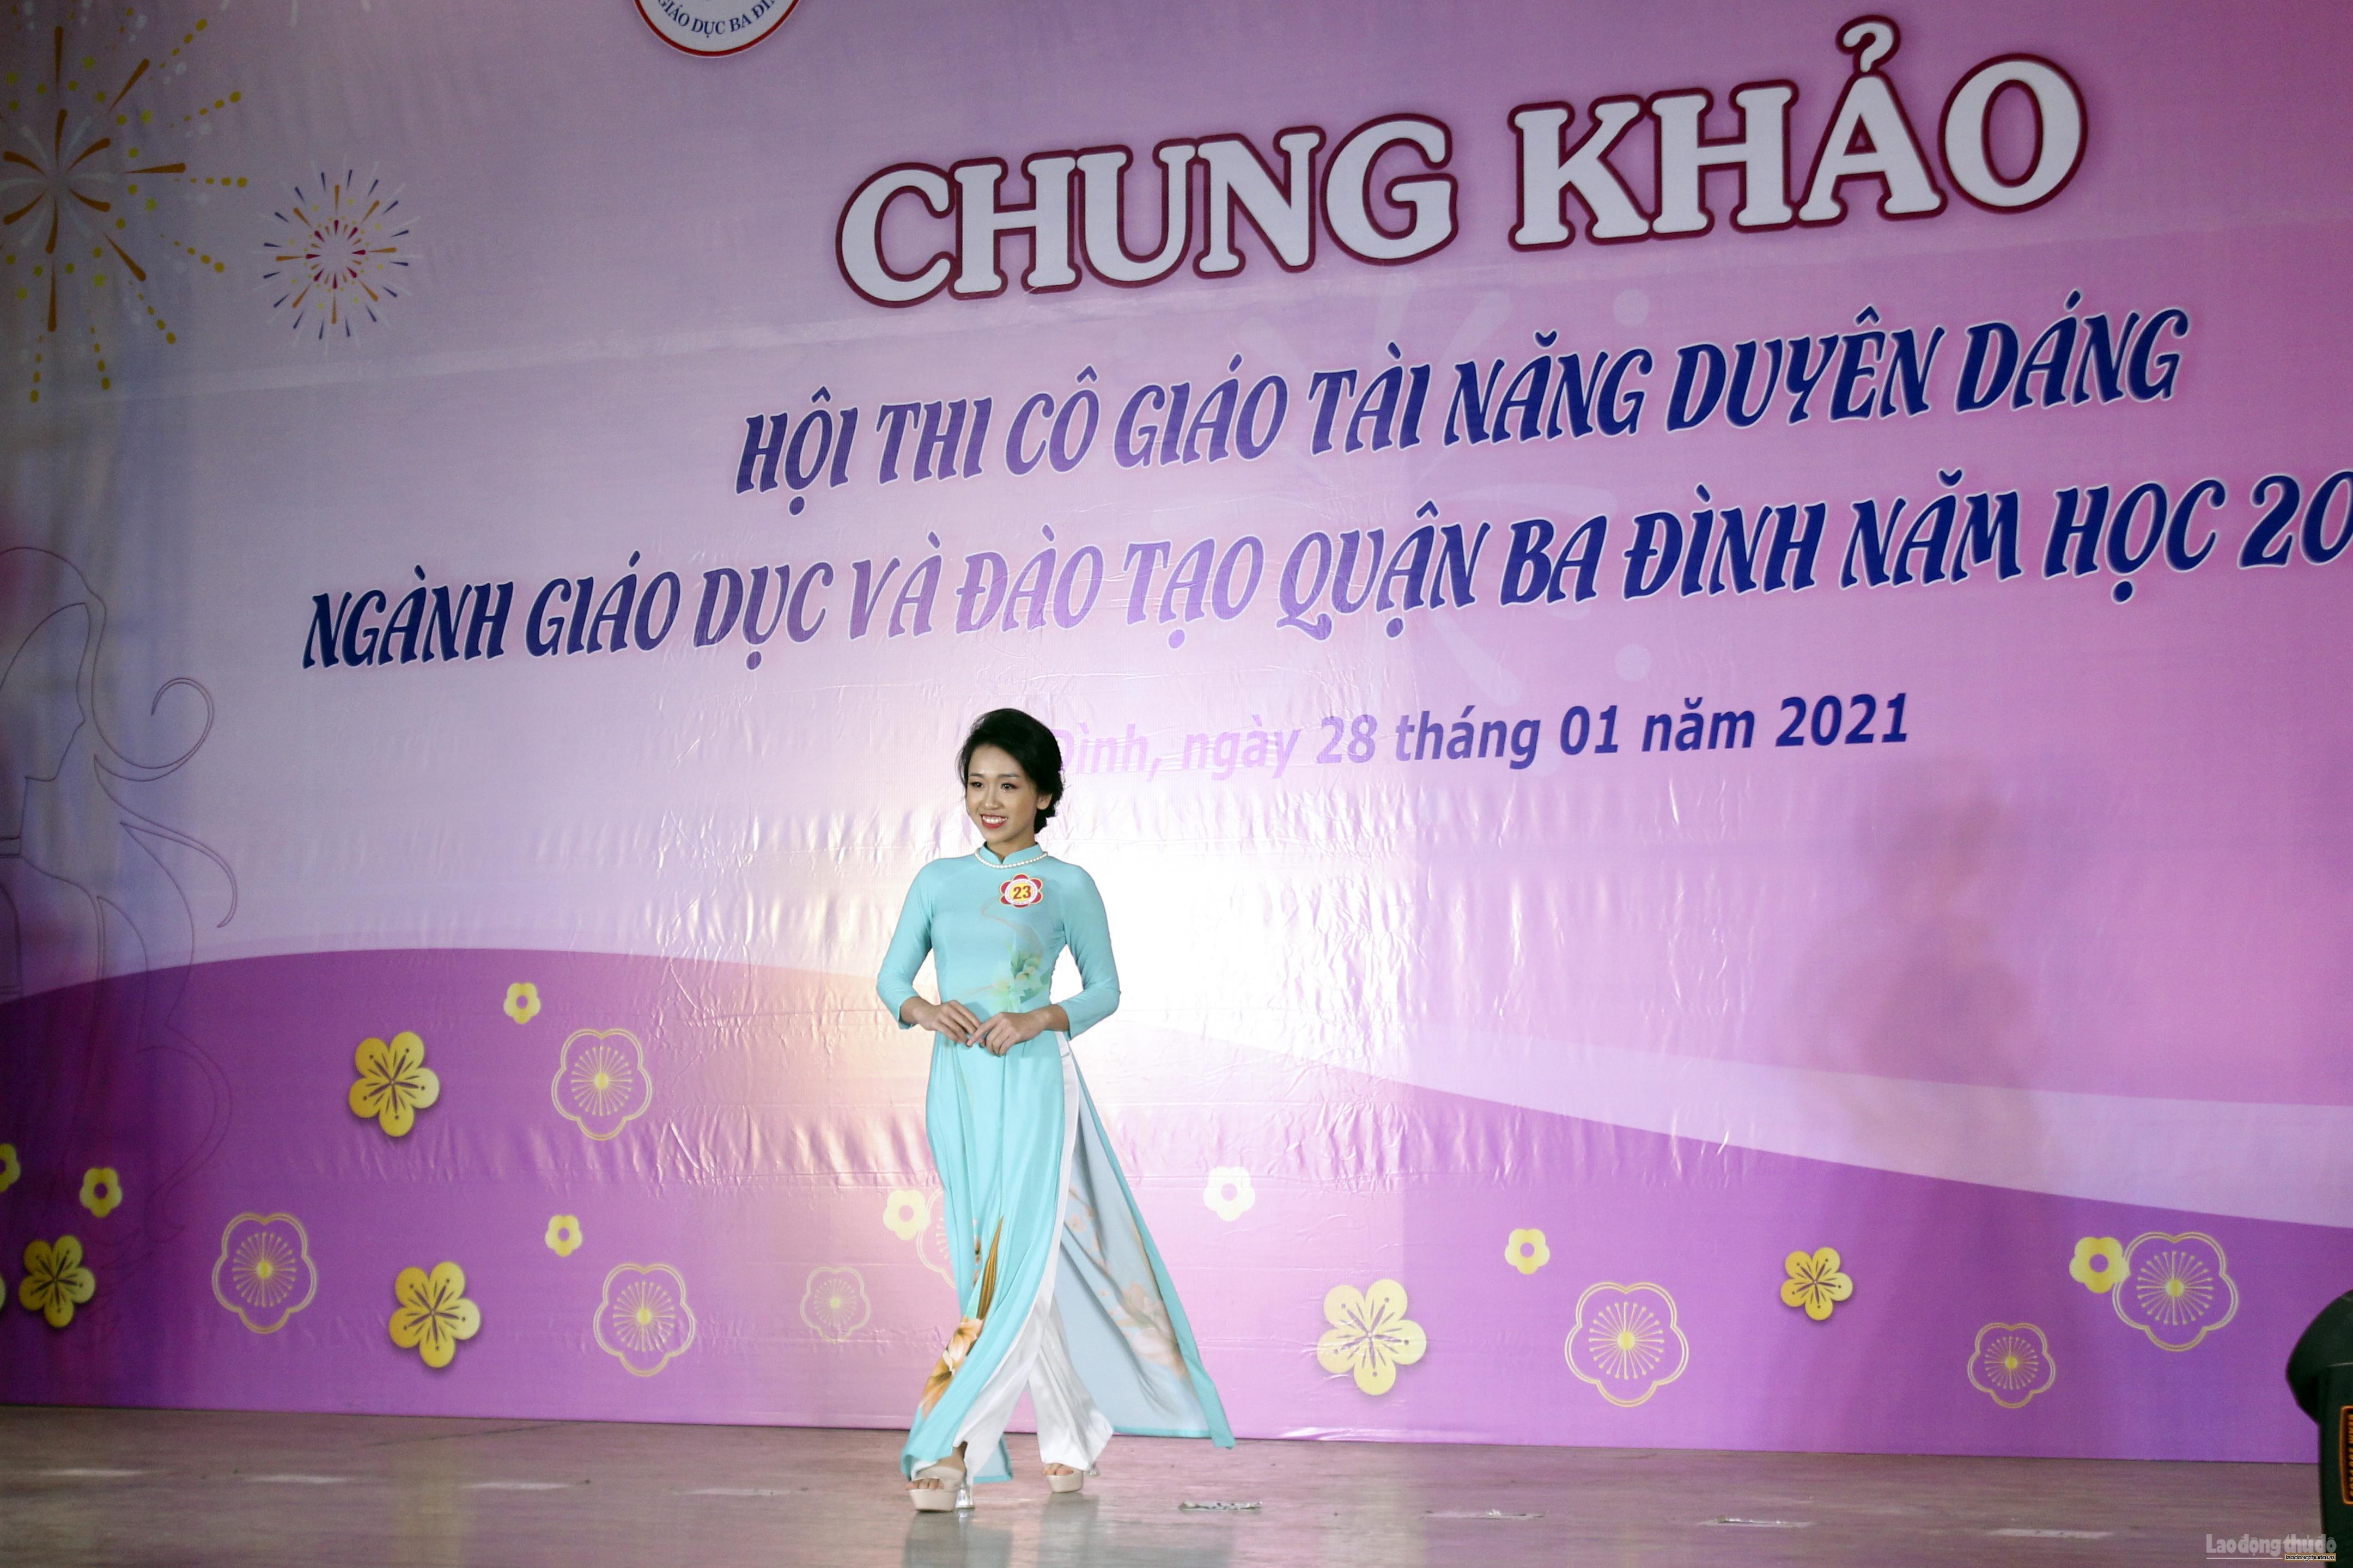 Tỏa sáng vẻ đẹp, tài năng, nét duyên dáng của nữ nhà giáo quận Ba Đình